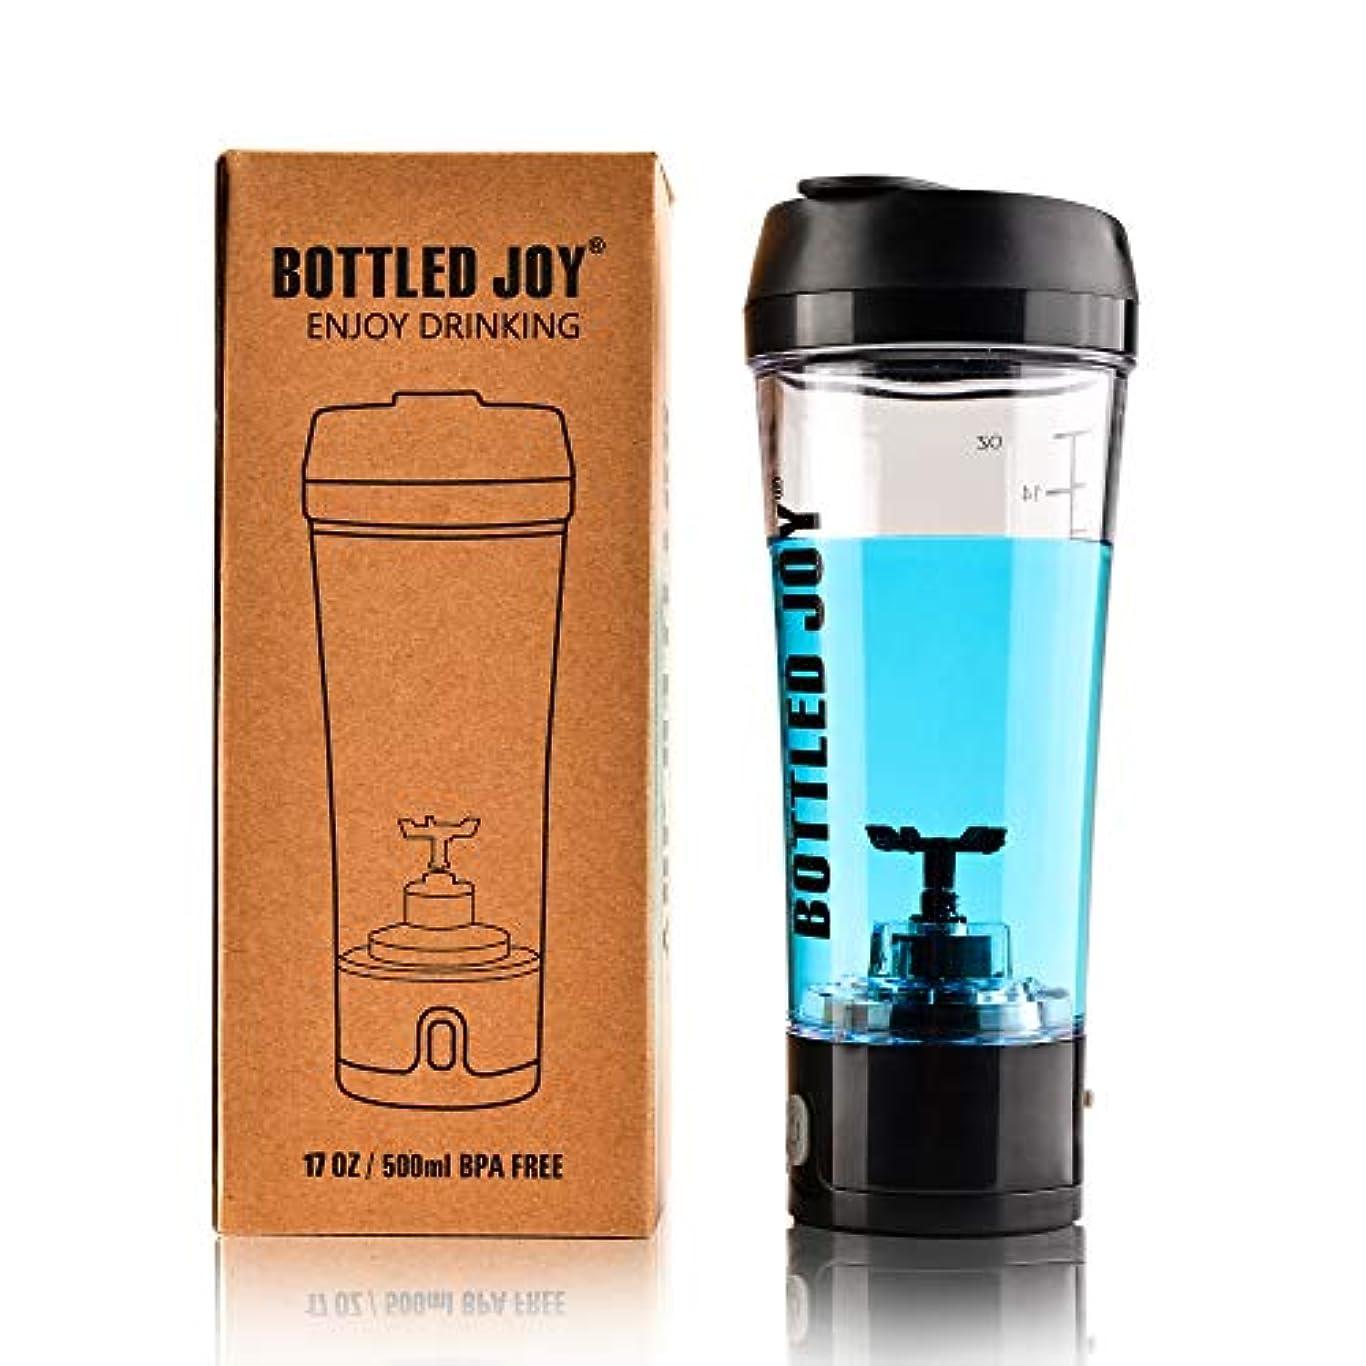 応じる適格契約するBottled Joy Electric Shaker Bottle、USB Rechargeable Protein Shaker、high-torque Stirring Blenderミキサーのスポーツマンと女性16ozオンス450 ml